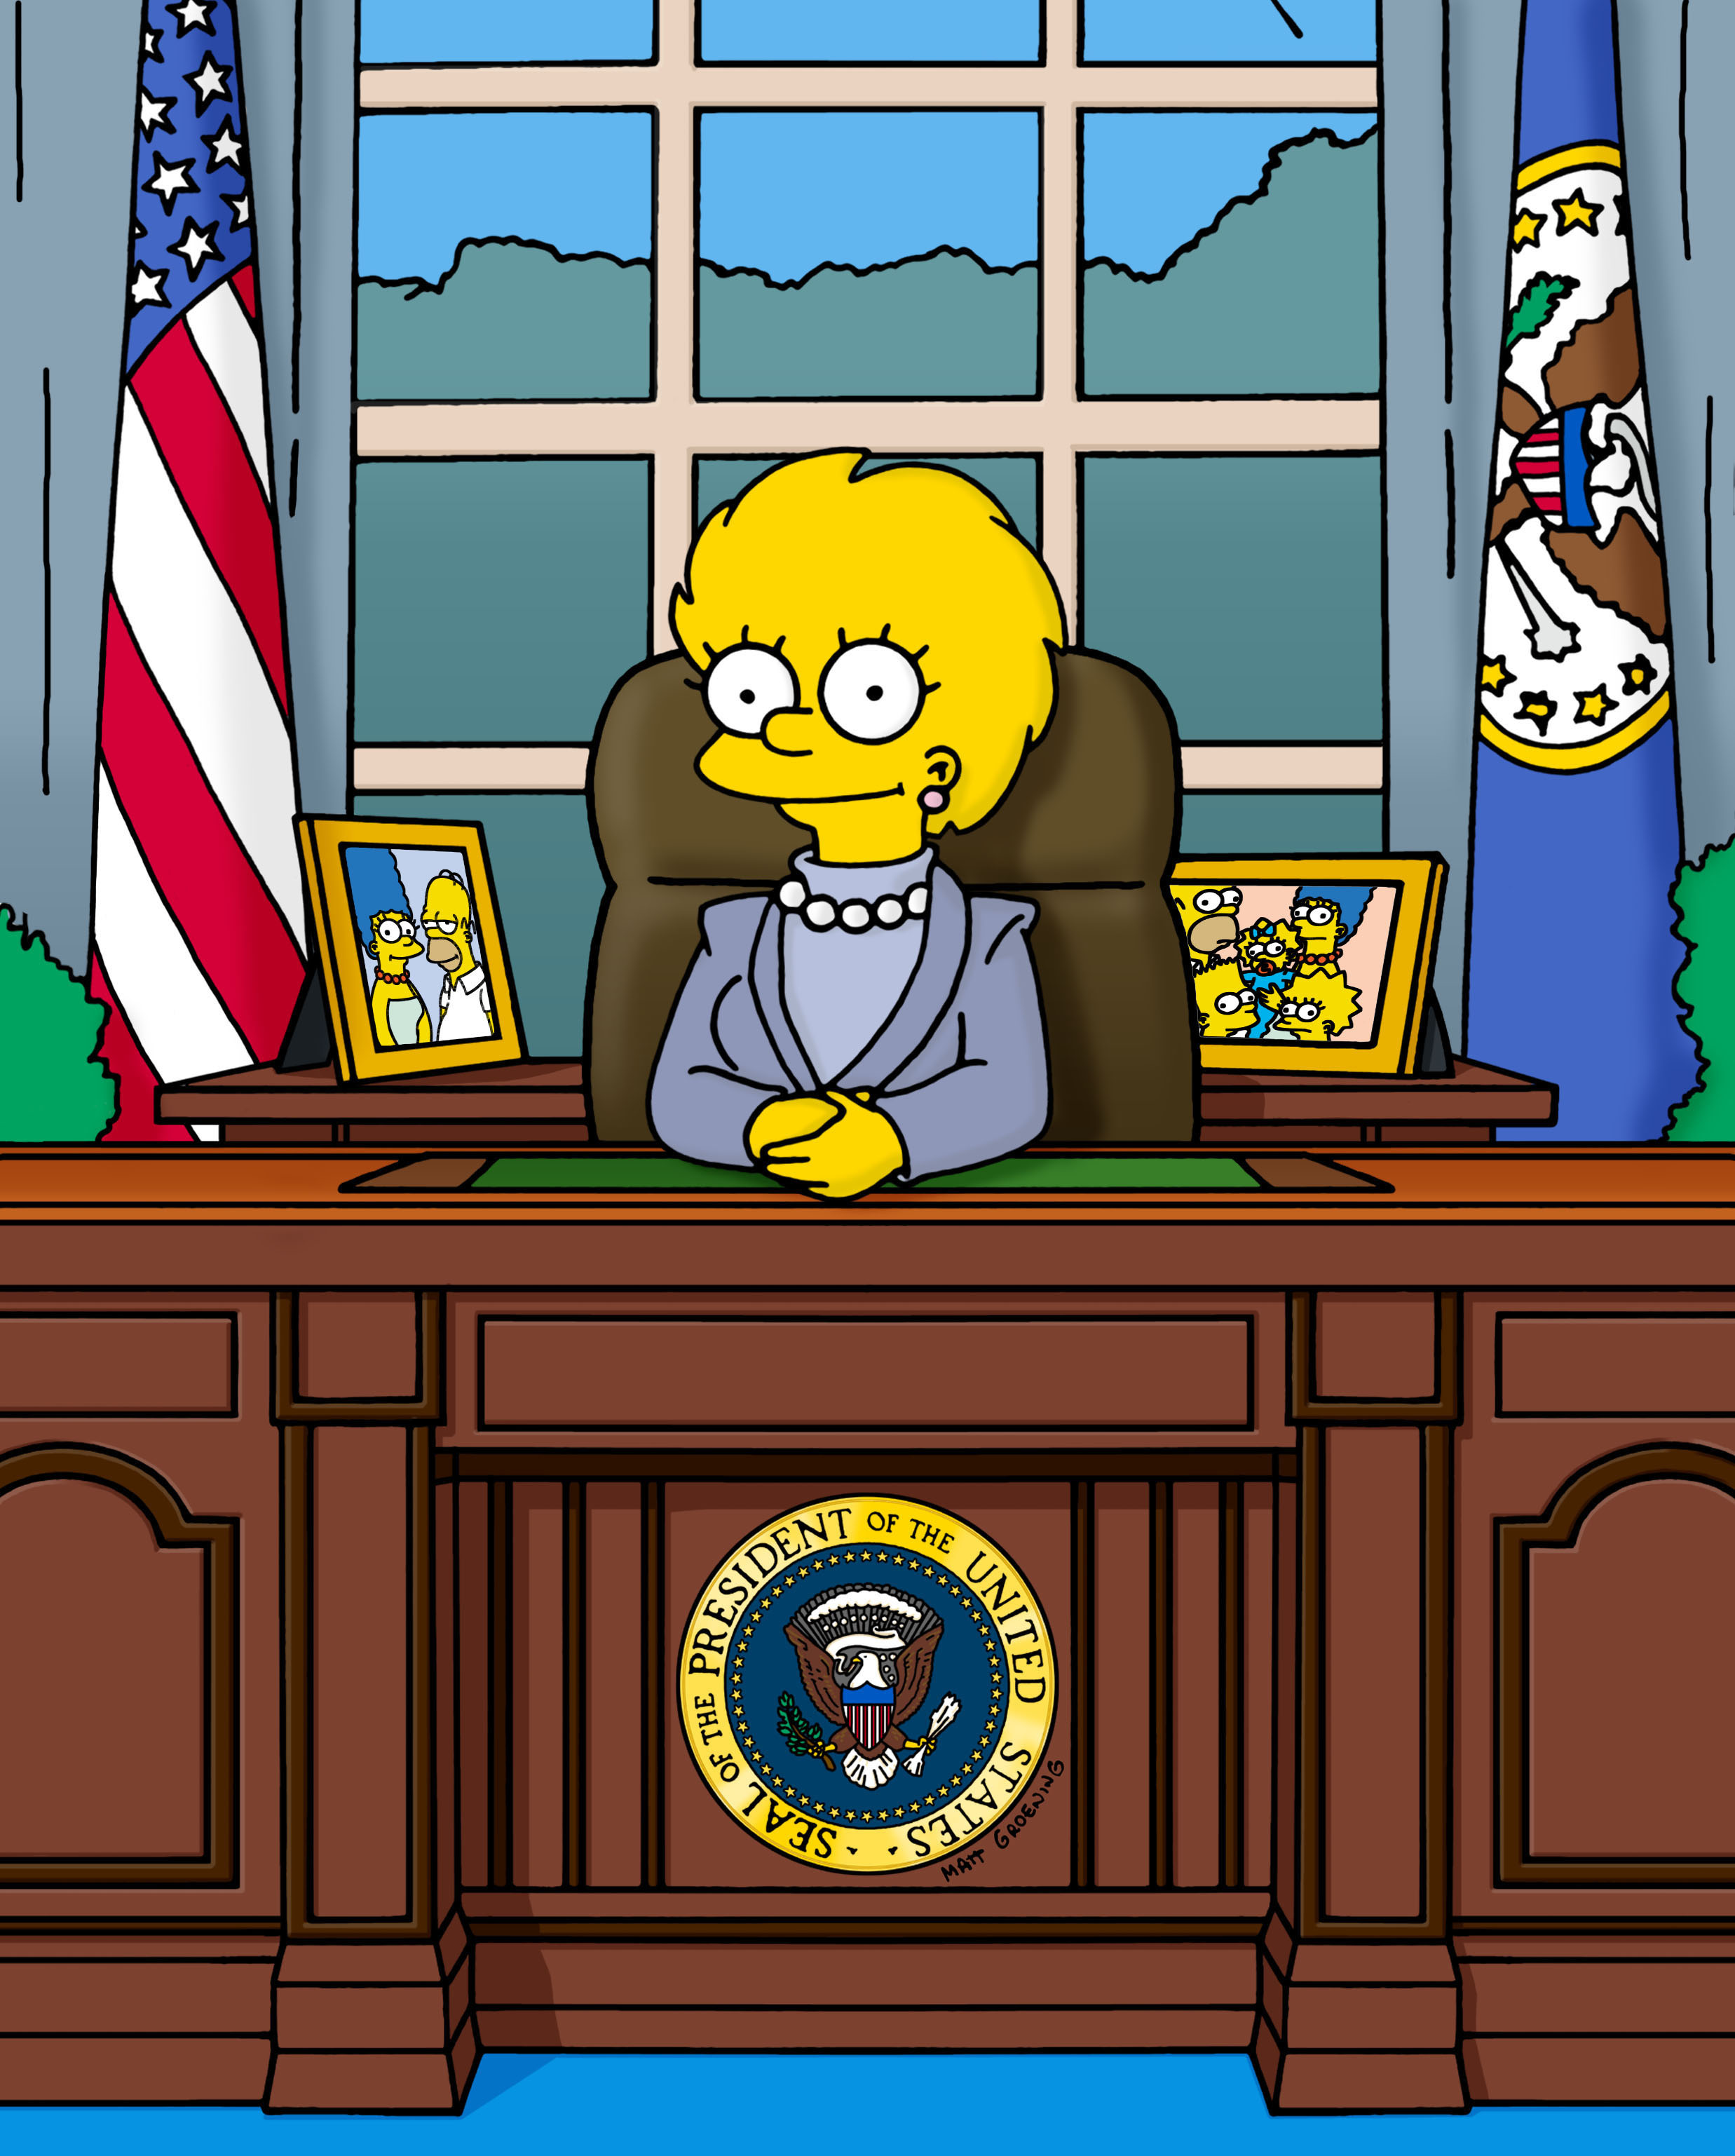 Lisa Simpson on THE SIMPSONS